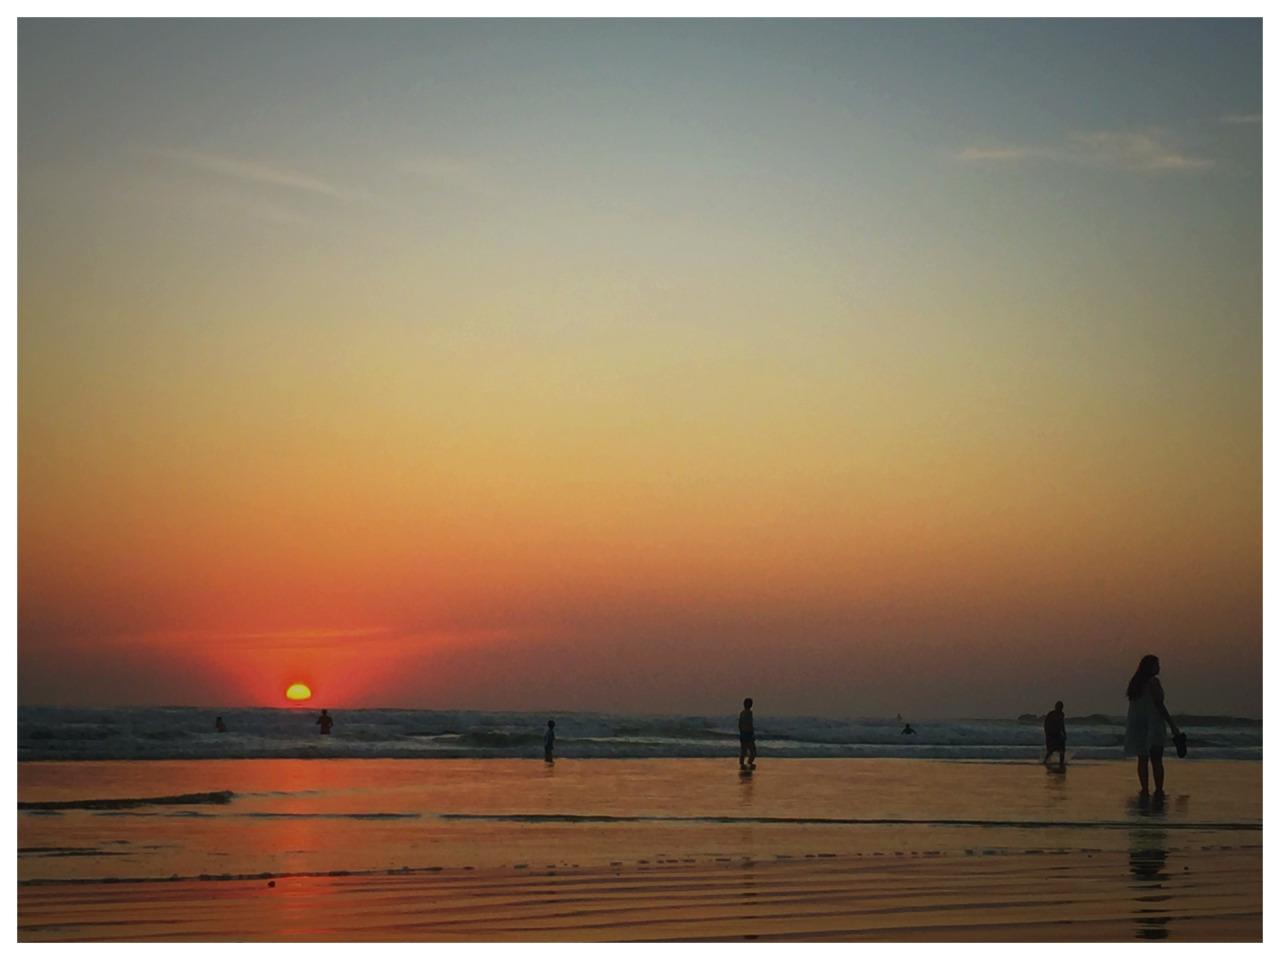 Sunset in Nosara